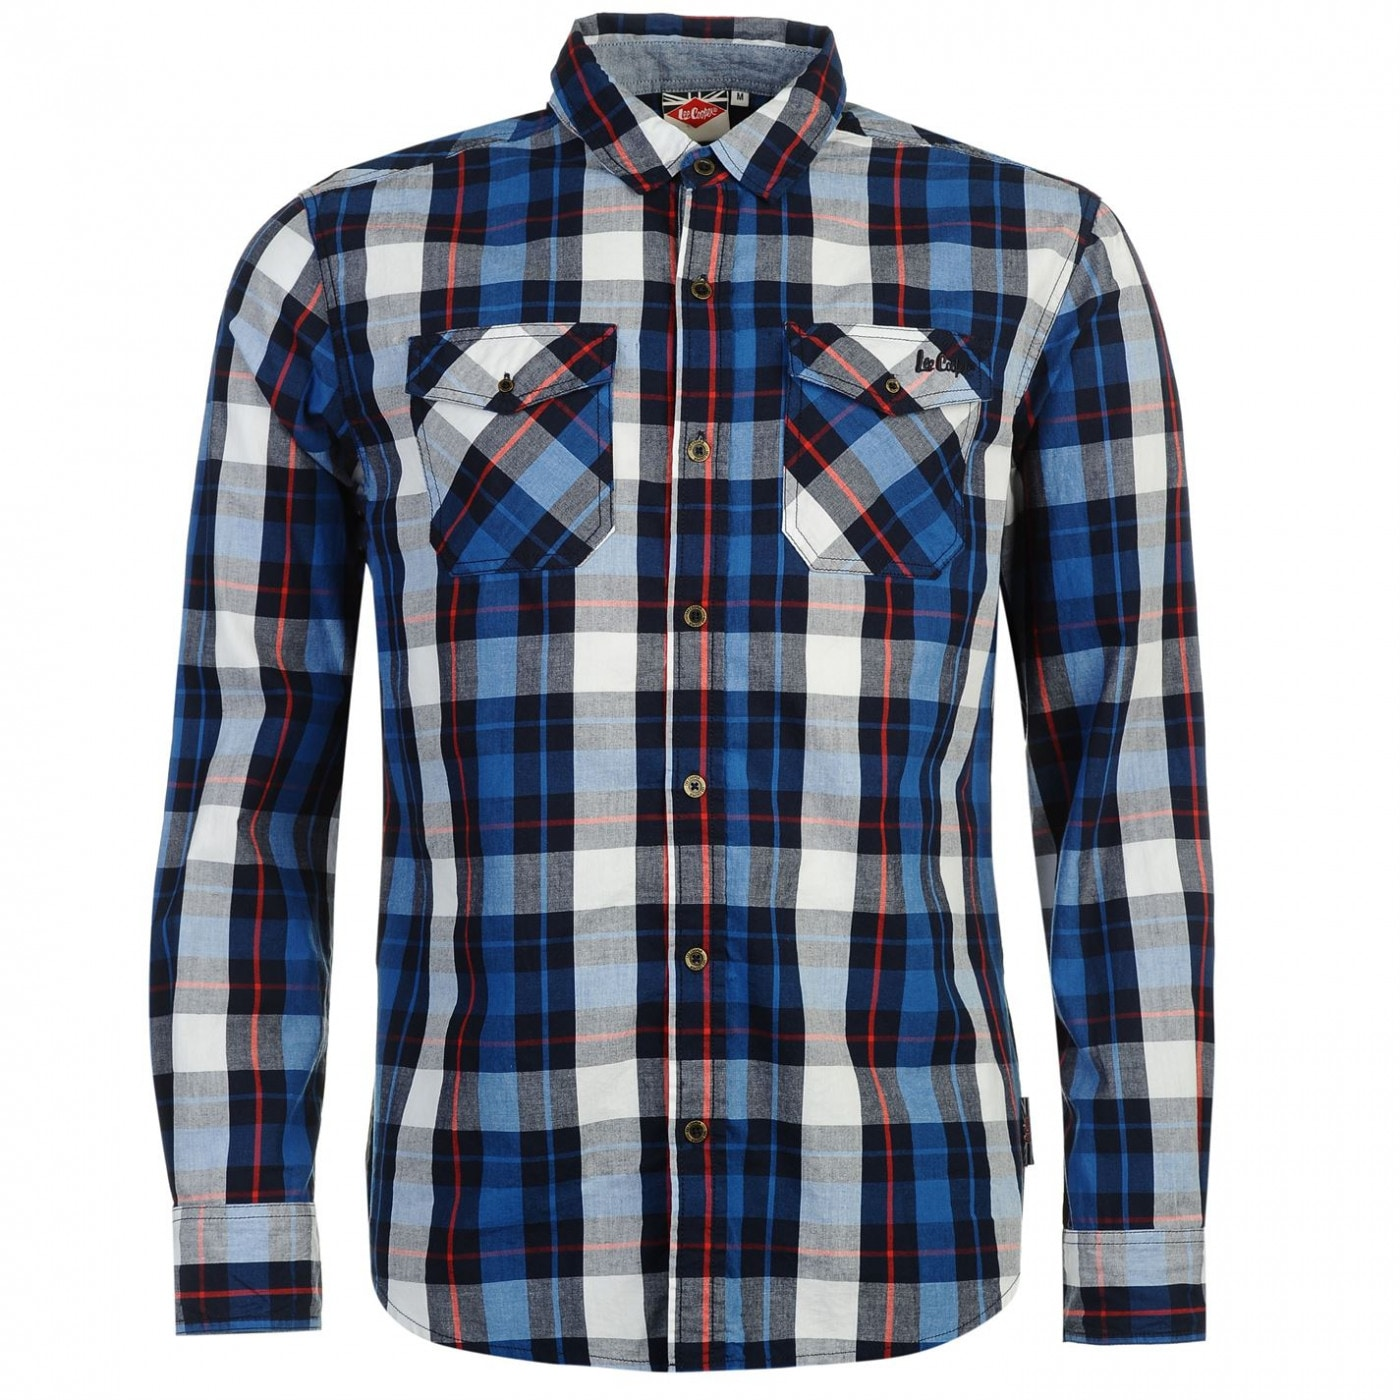 d7ede0464 Lee Cooper Long Sleeve Check Shirt pánské - FACTCOOL